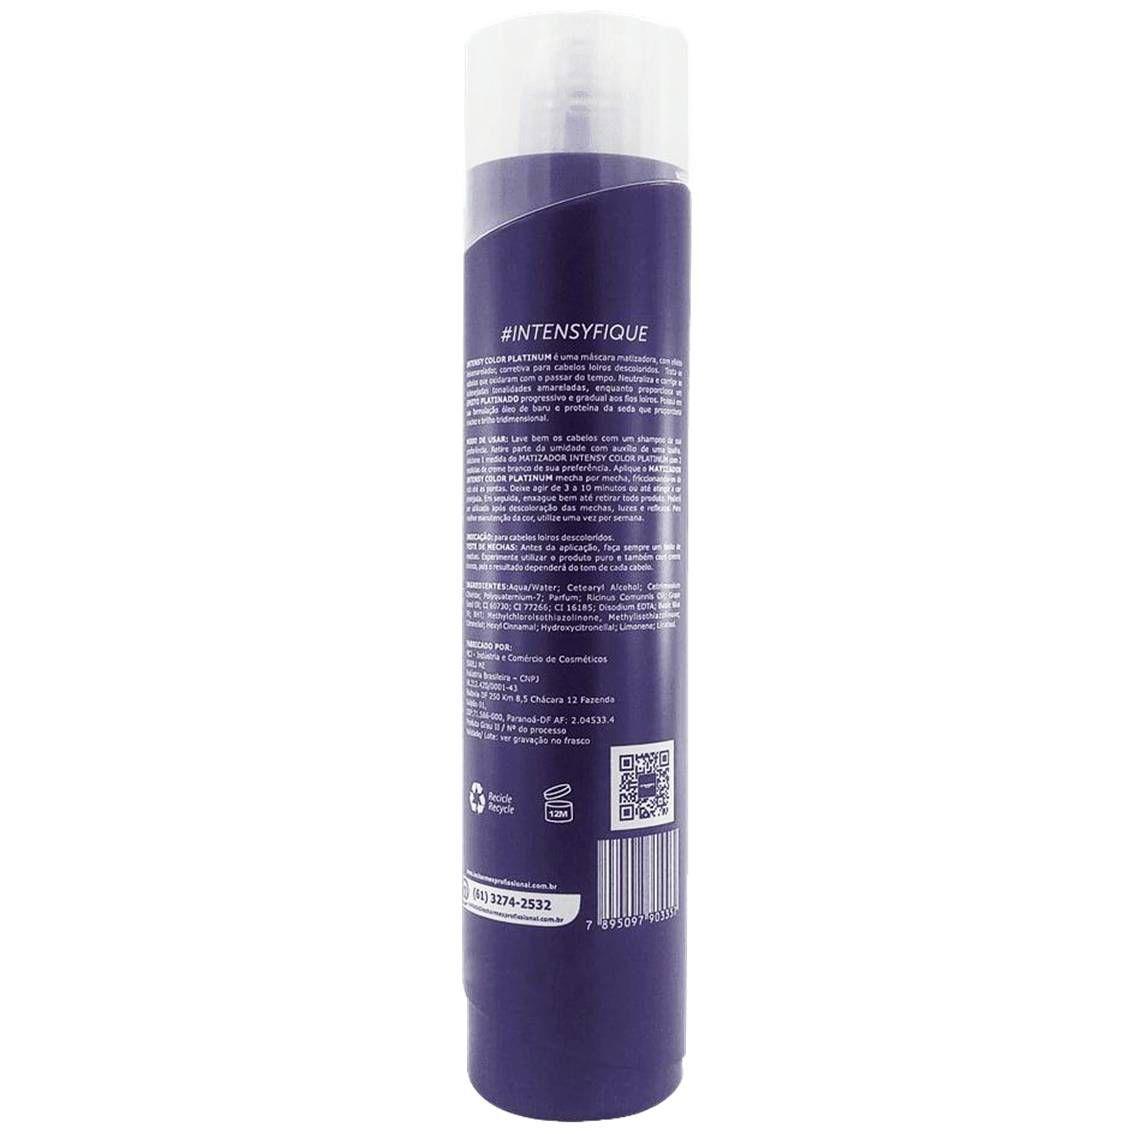 Matizador Intensy Color Platinum Lé Charme's 500 ml - Efeito Platinado